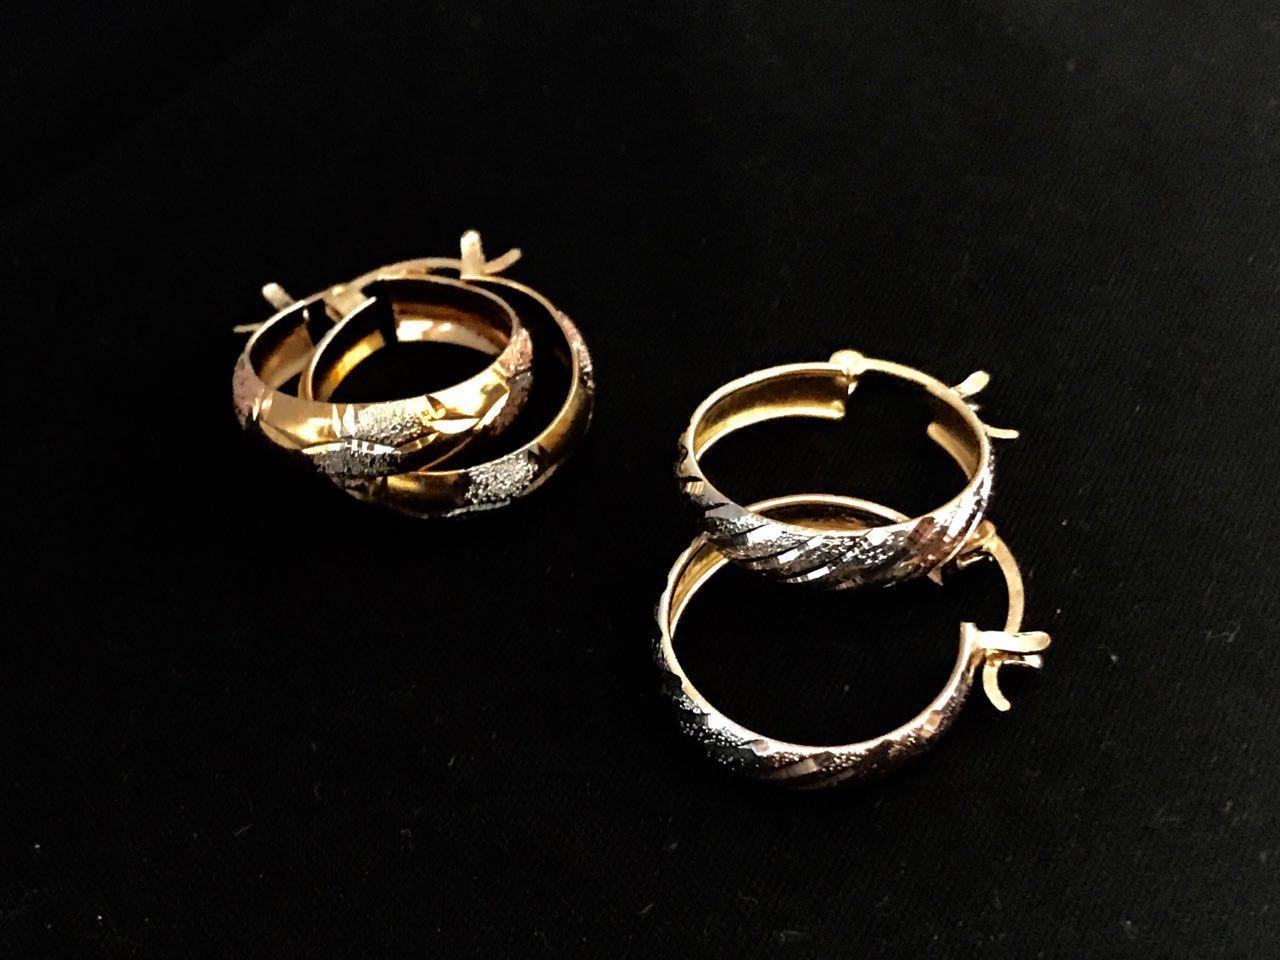 55a4d7f46185 ACOFLOPA Arracada especial con broche patente en chapa de 3 oros  florentino